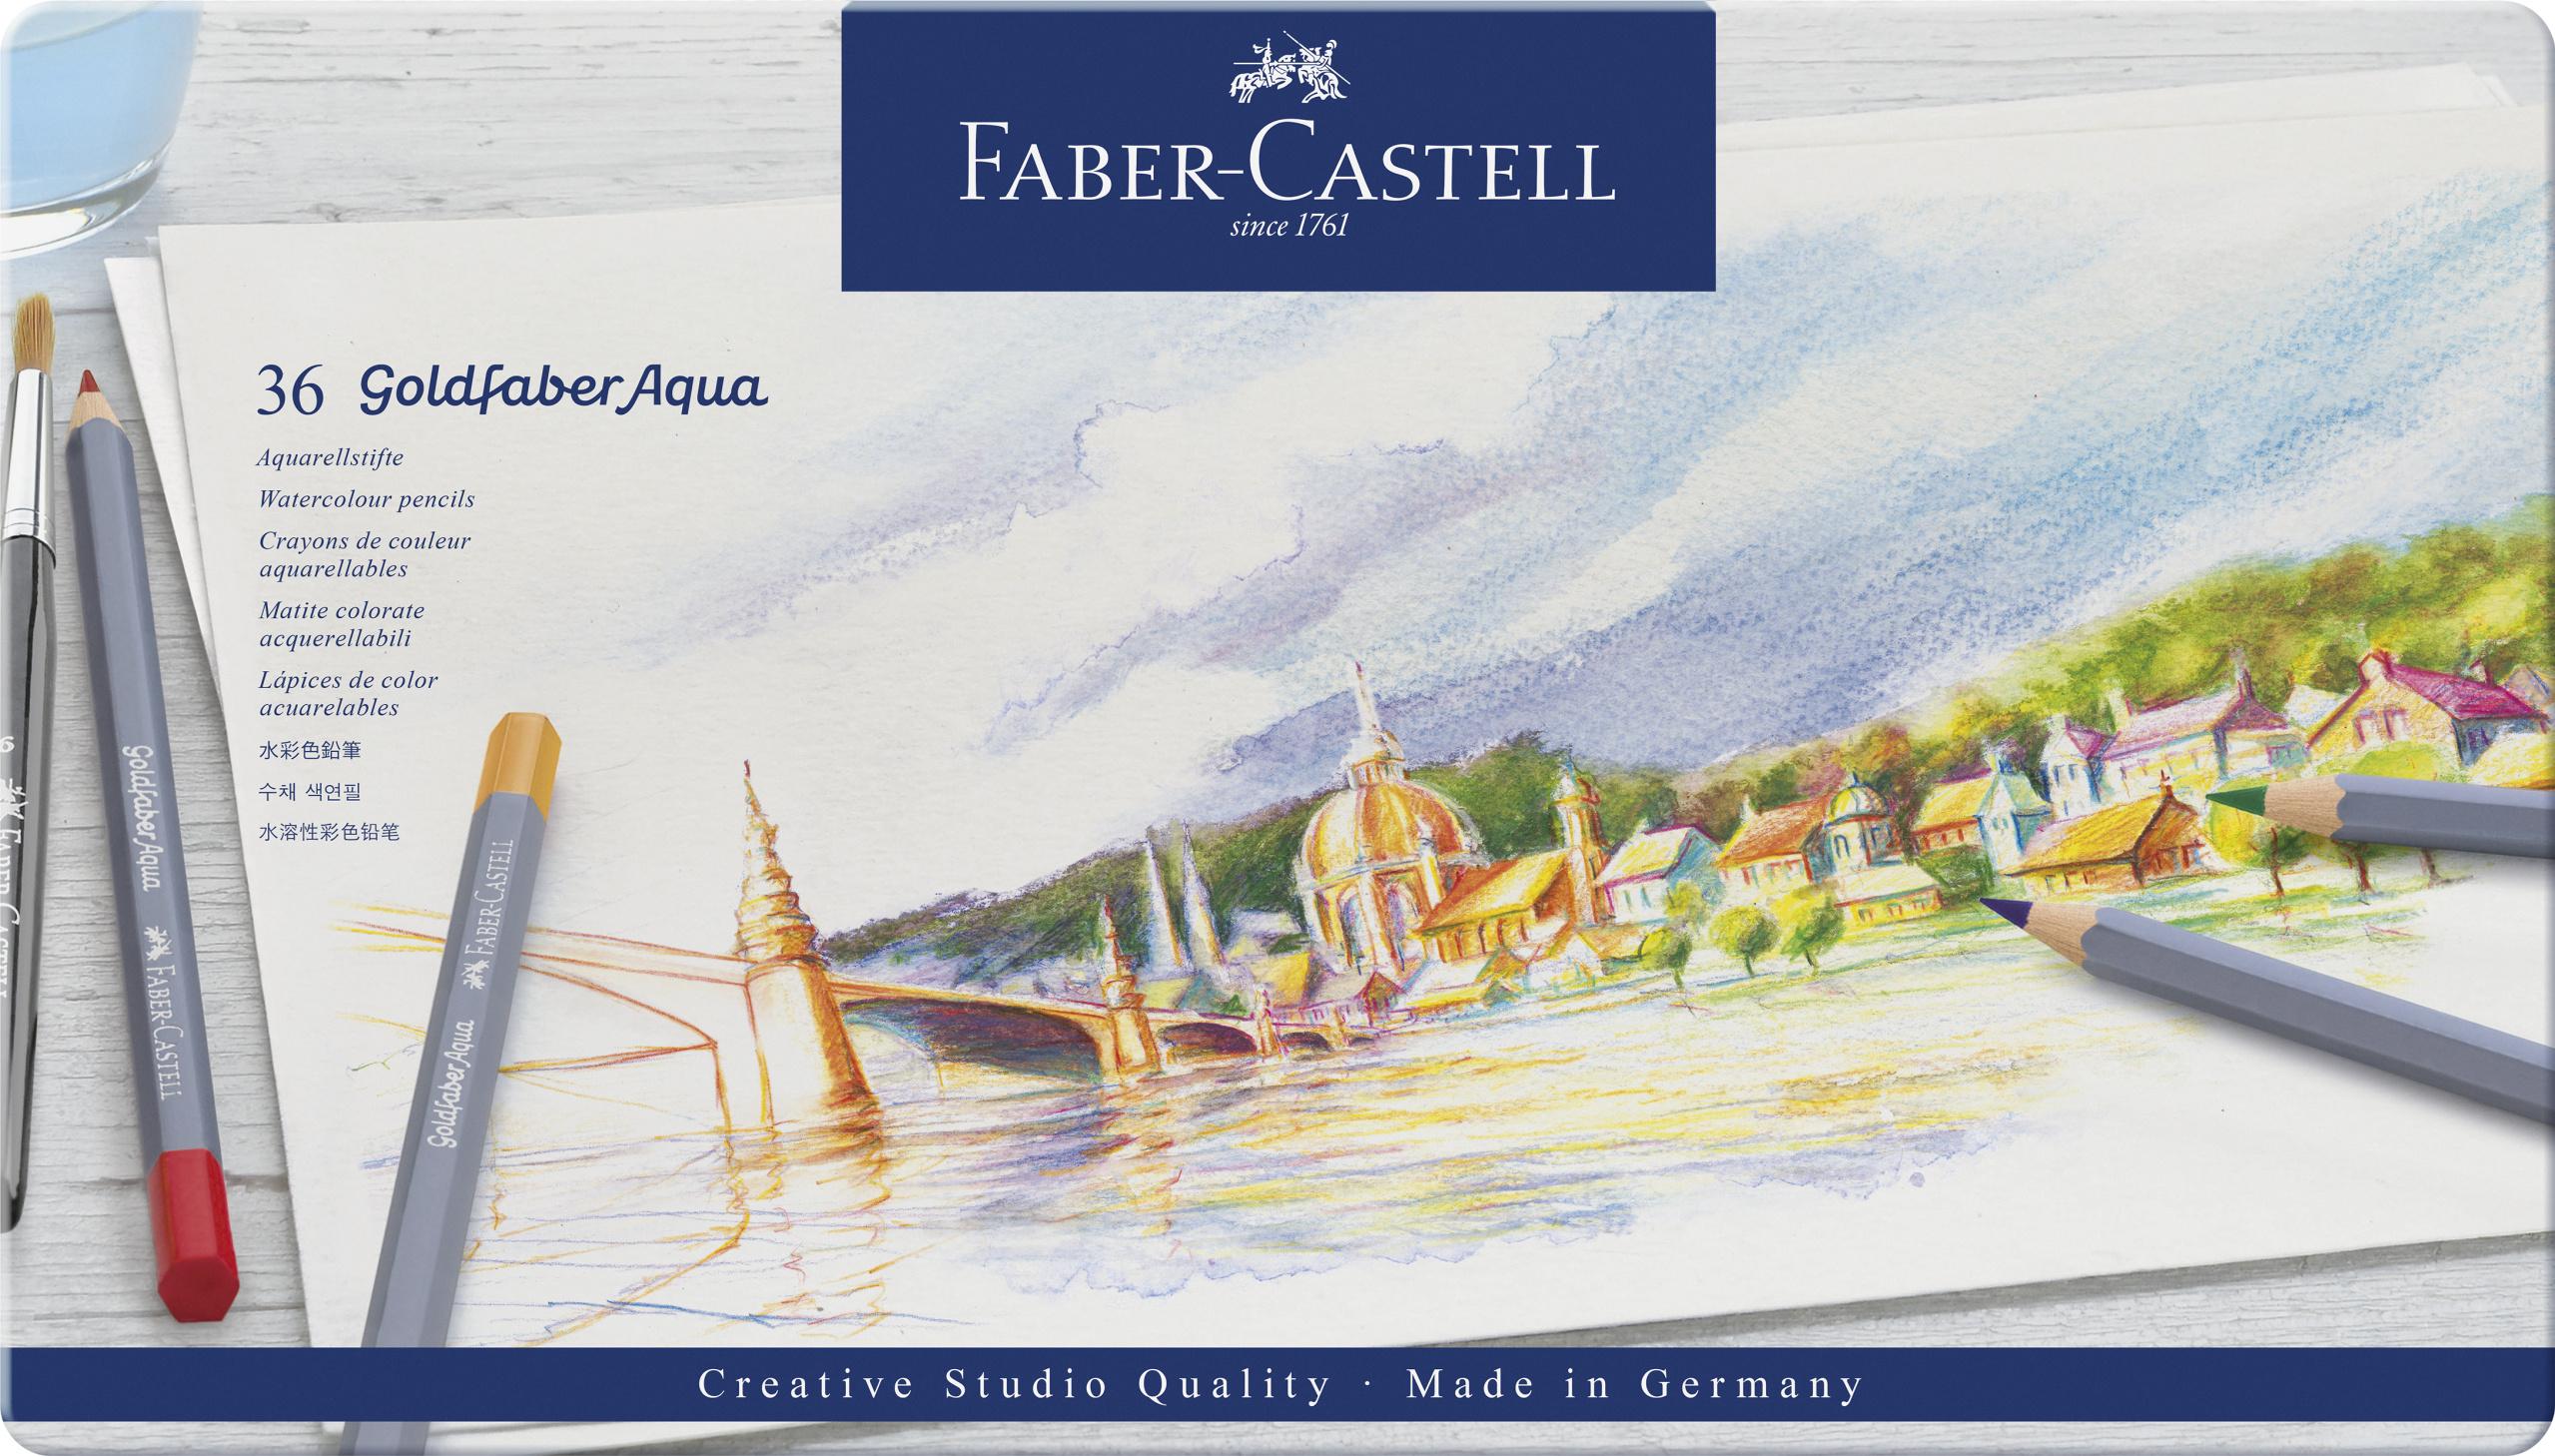 Faber-Castell Goldfaber Aqua Farbstifte 36er Metalletui